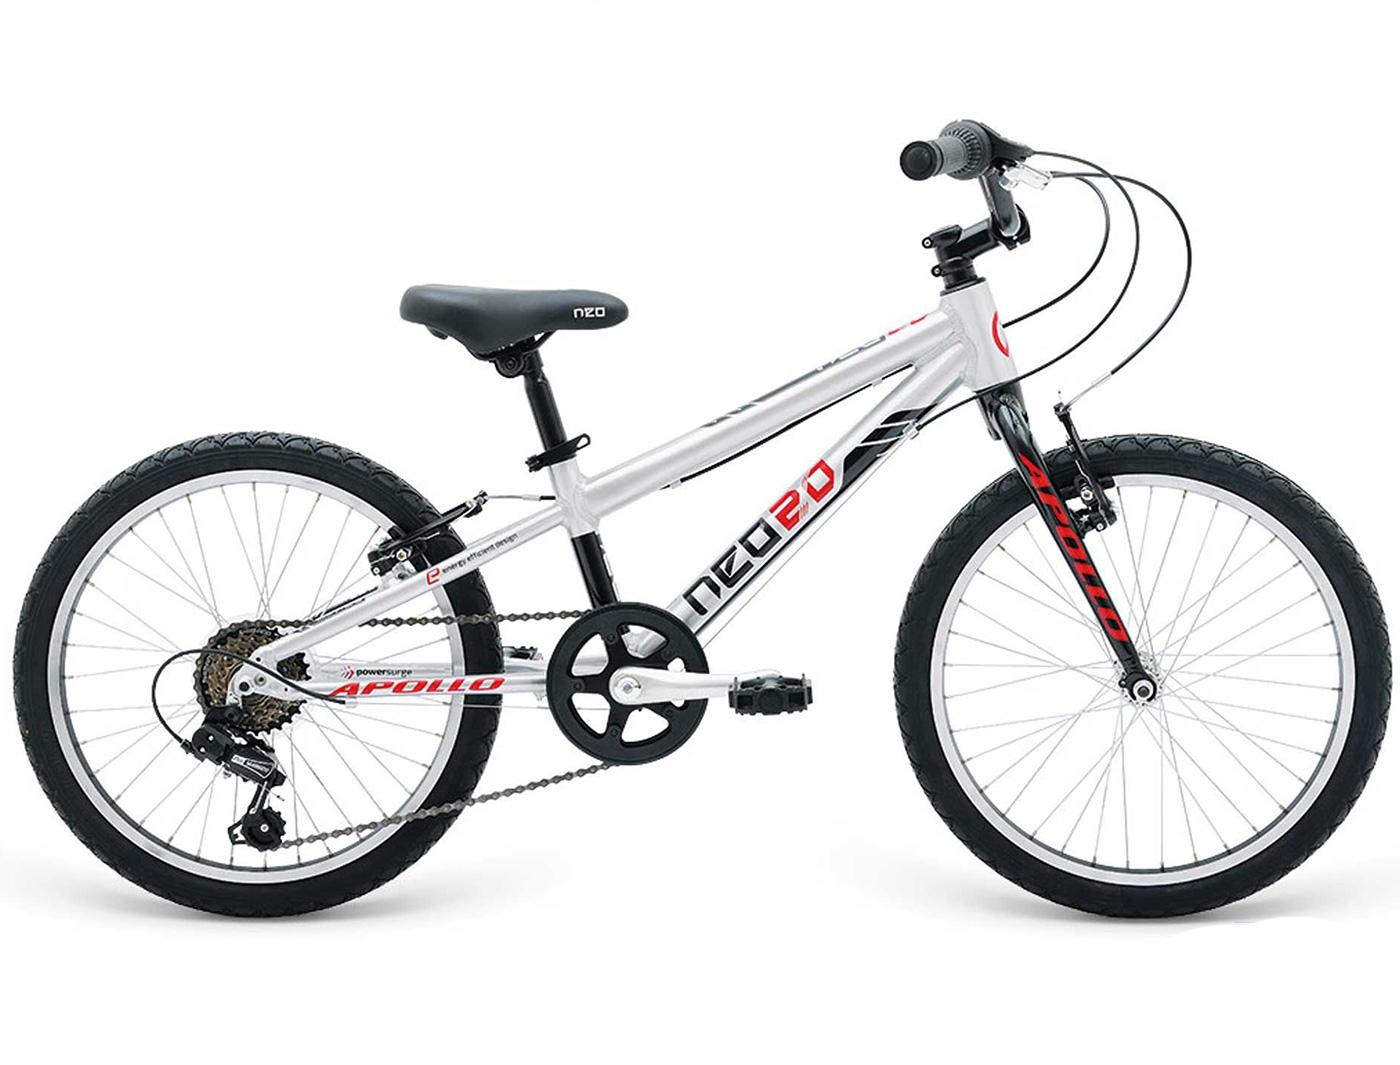 Велосипед Apollo Neo 6s boys Black/Red (2018)